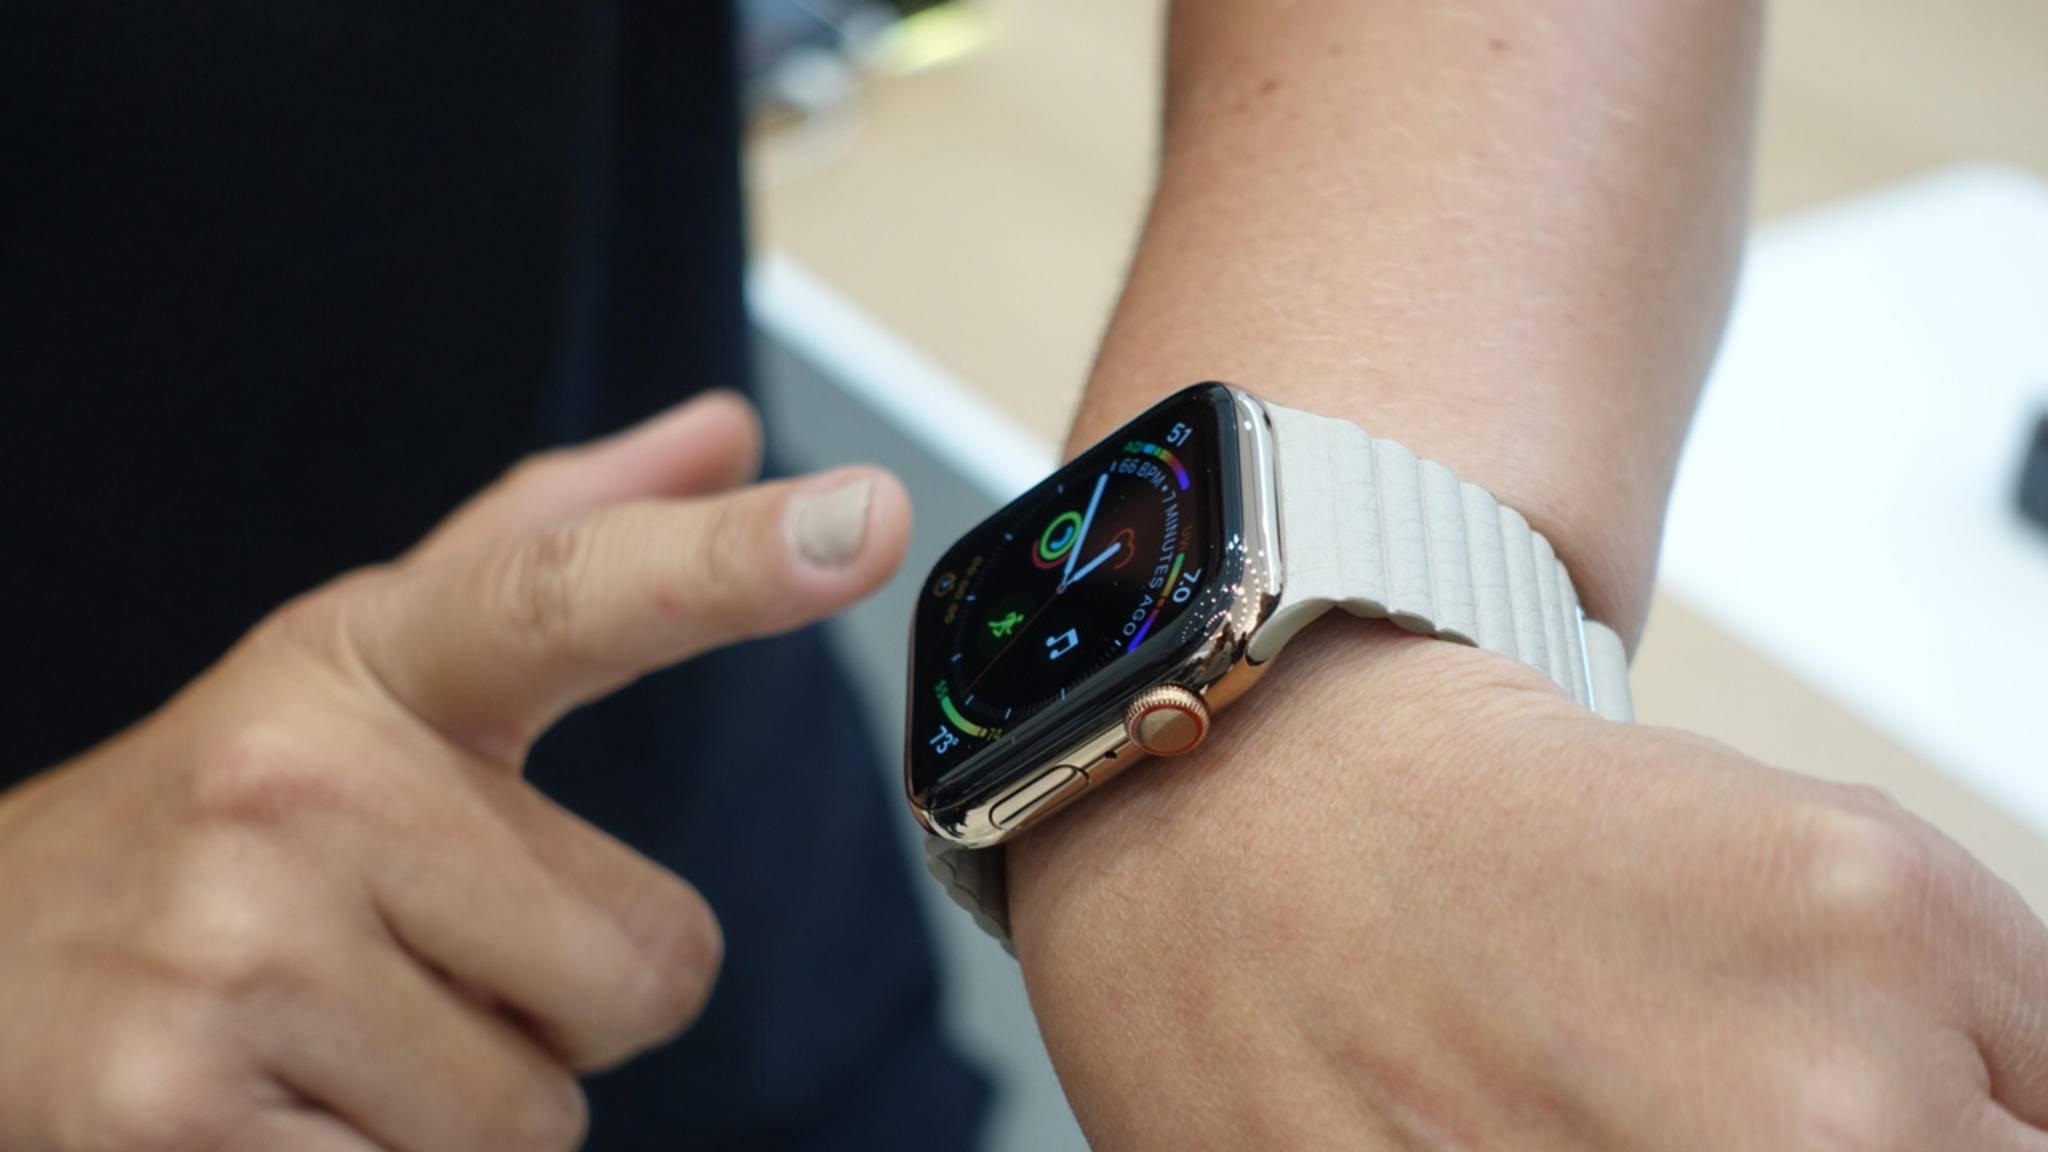 Für die Apple Watch (hier die Series 4) ist praktisches Zubehör erhältlich.